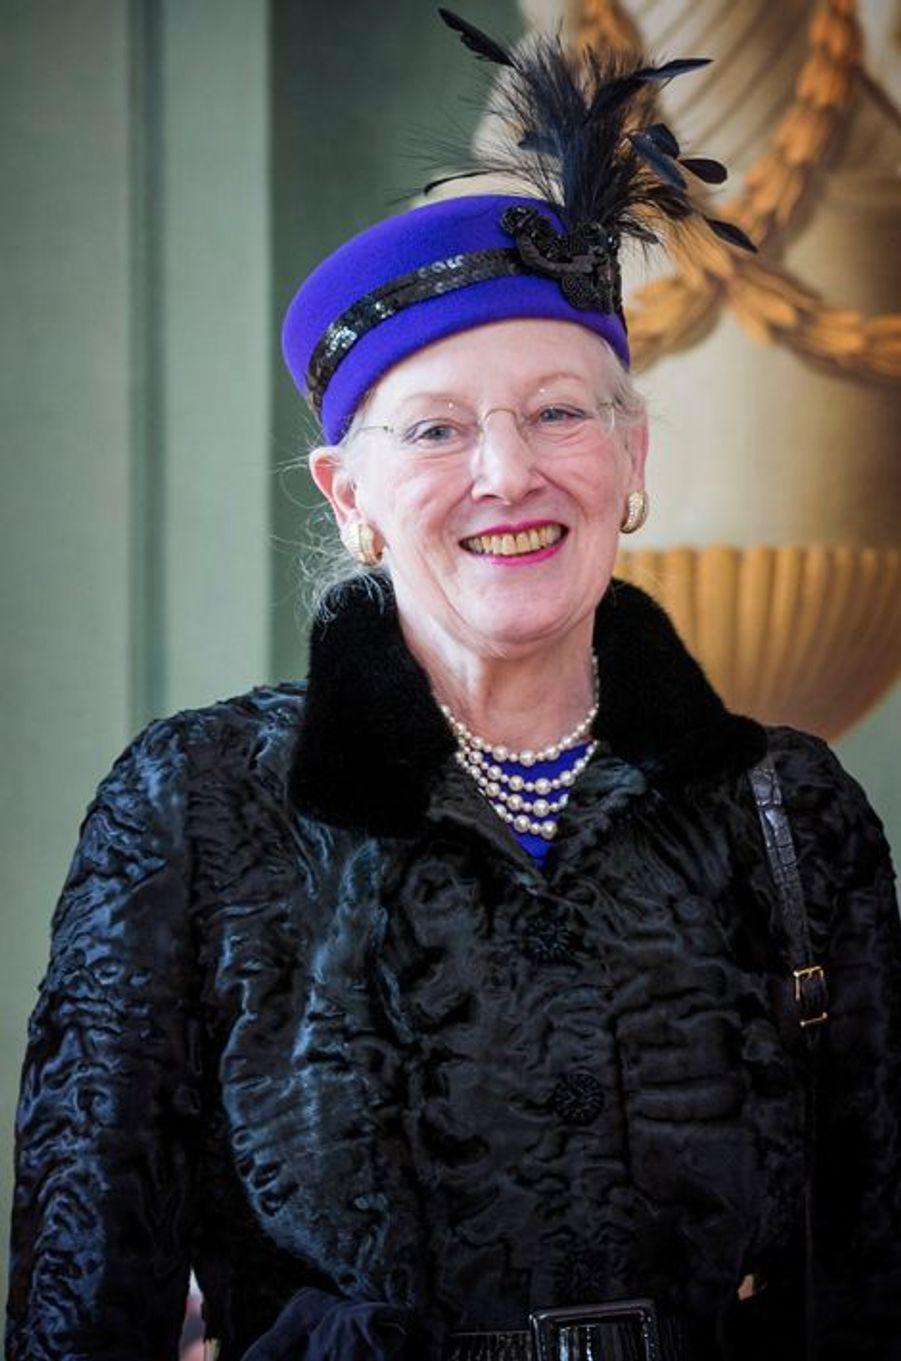 La reine Margrethe II de Danemark au château de Fredensborg, le 17 mars 2015